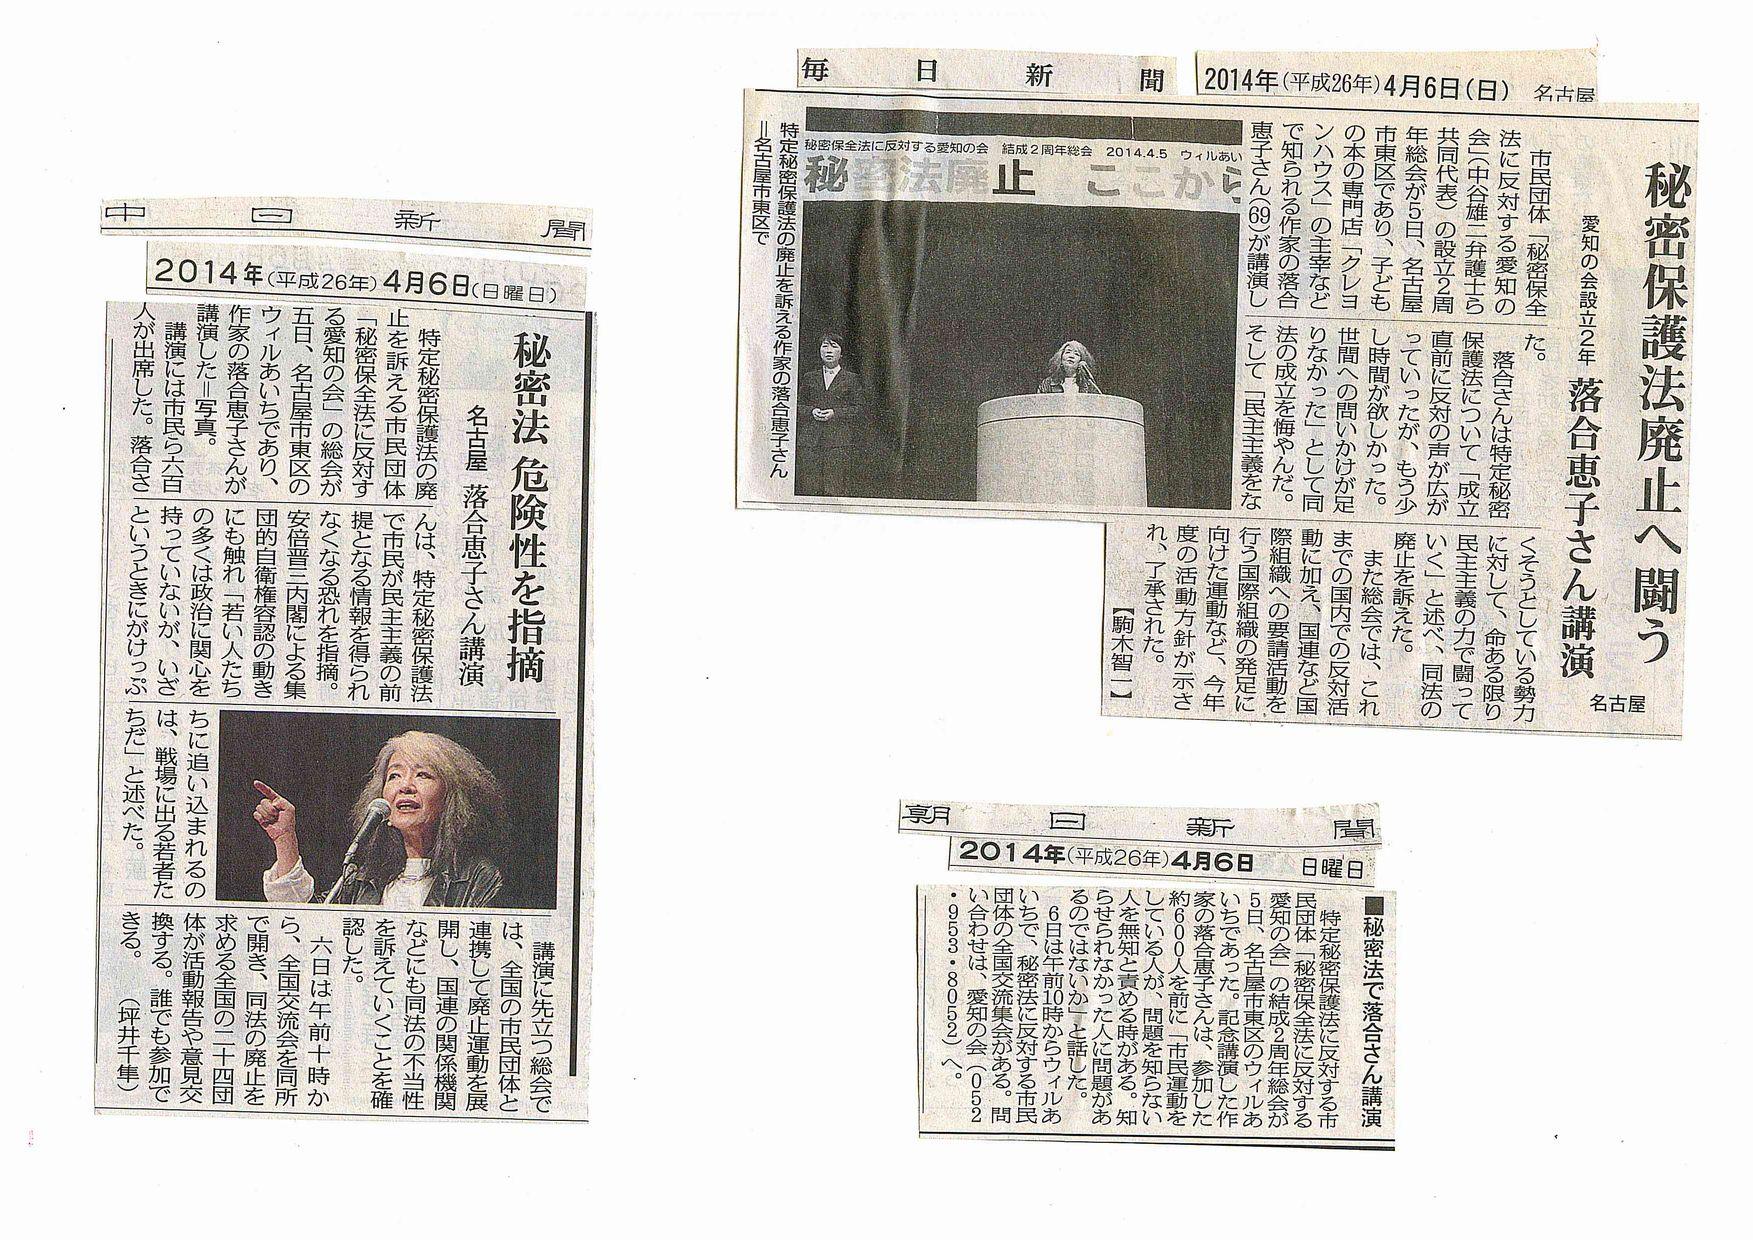 4/5秘密保護法廃止 落合恵子氏講演会に600人(名古屋)_c0241022_7294128.jpg